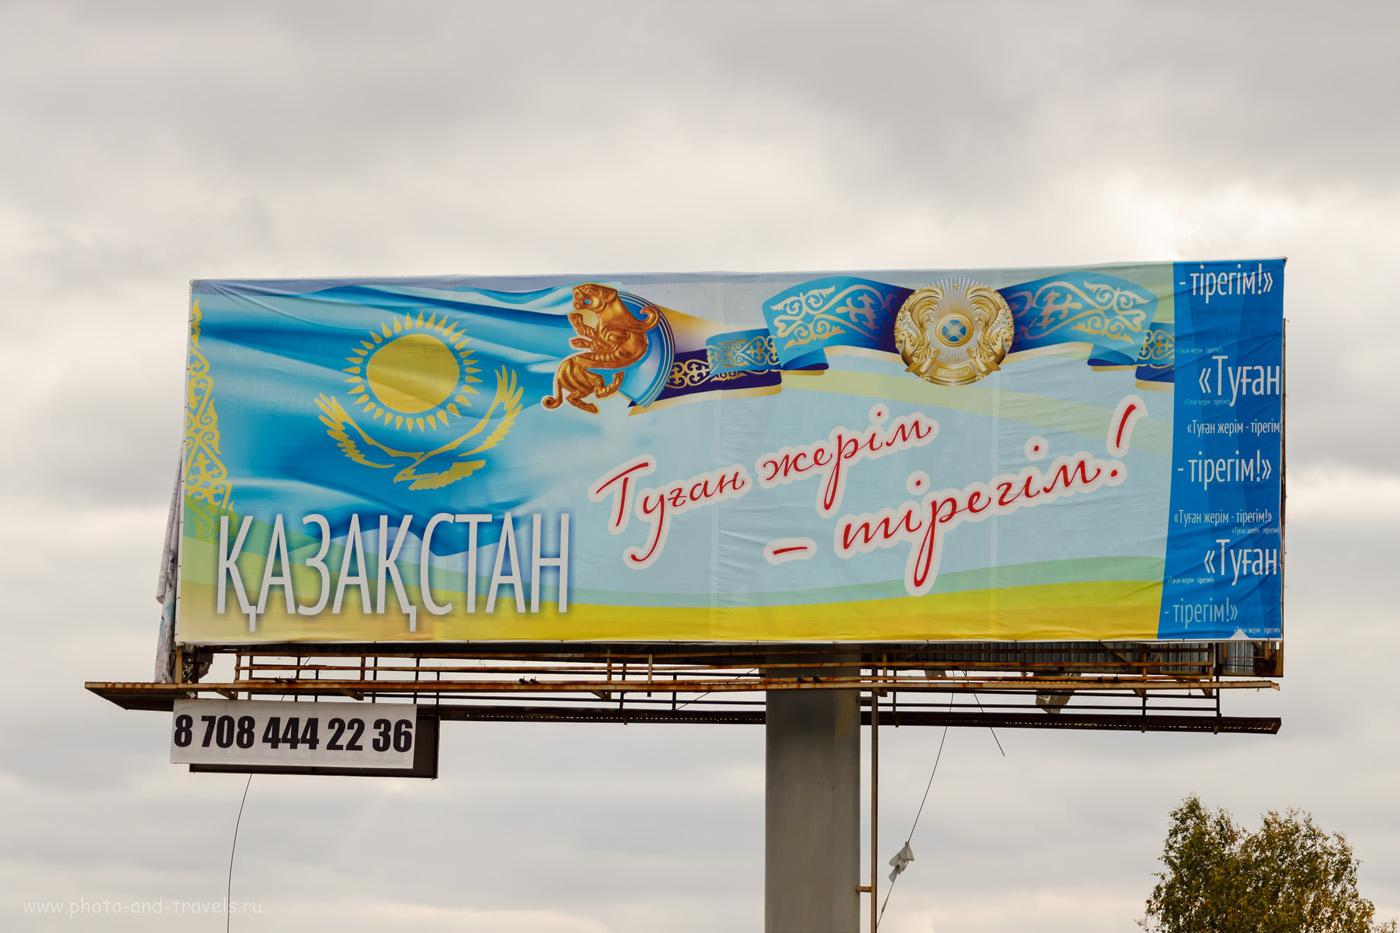 Фото 43. «Казахстан. Моя родина – моя поддержка». 1/640, +0.3, 5, 100, 74.